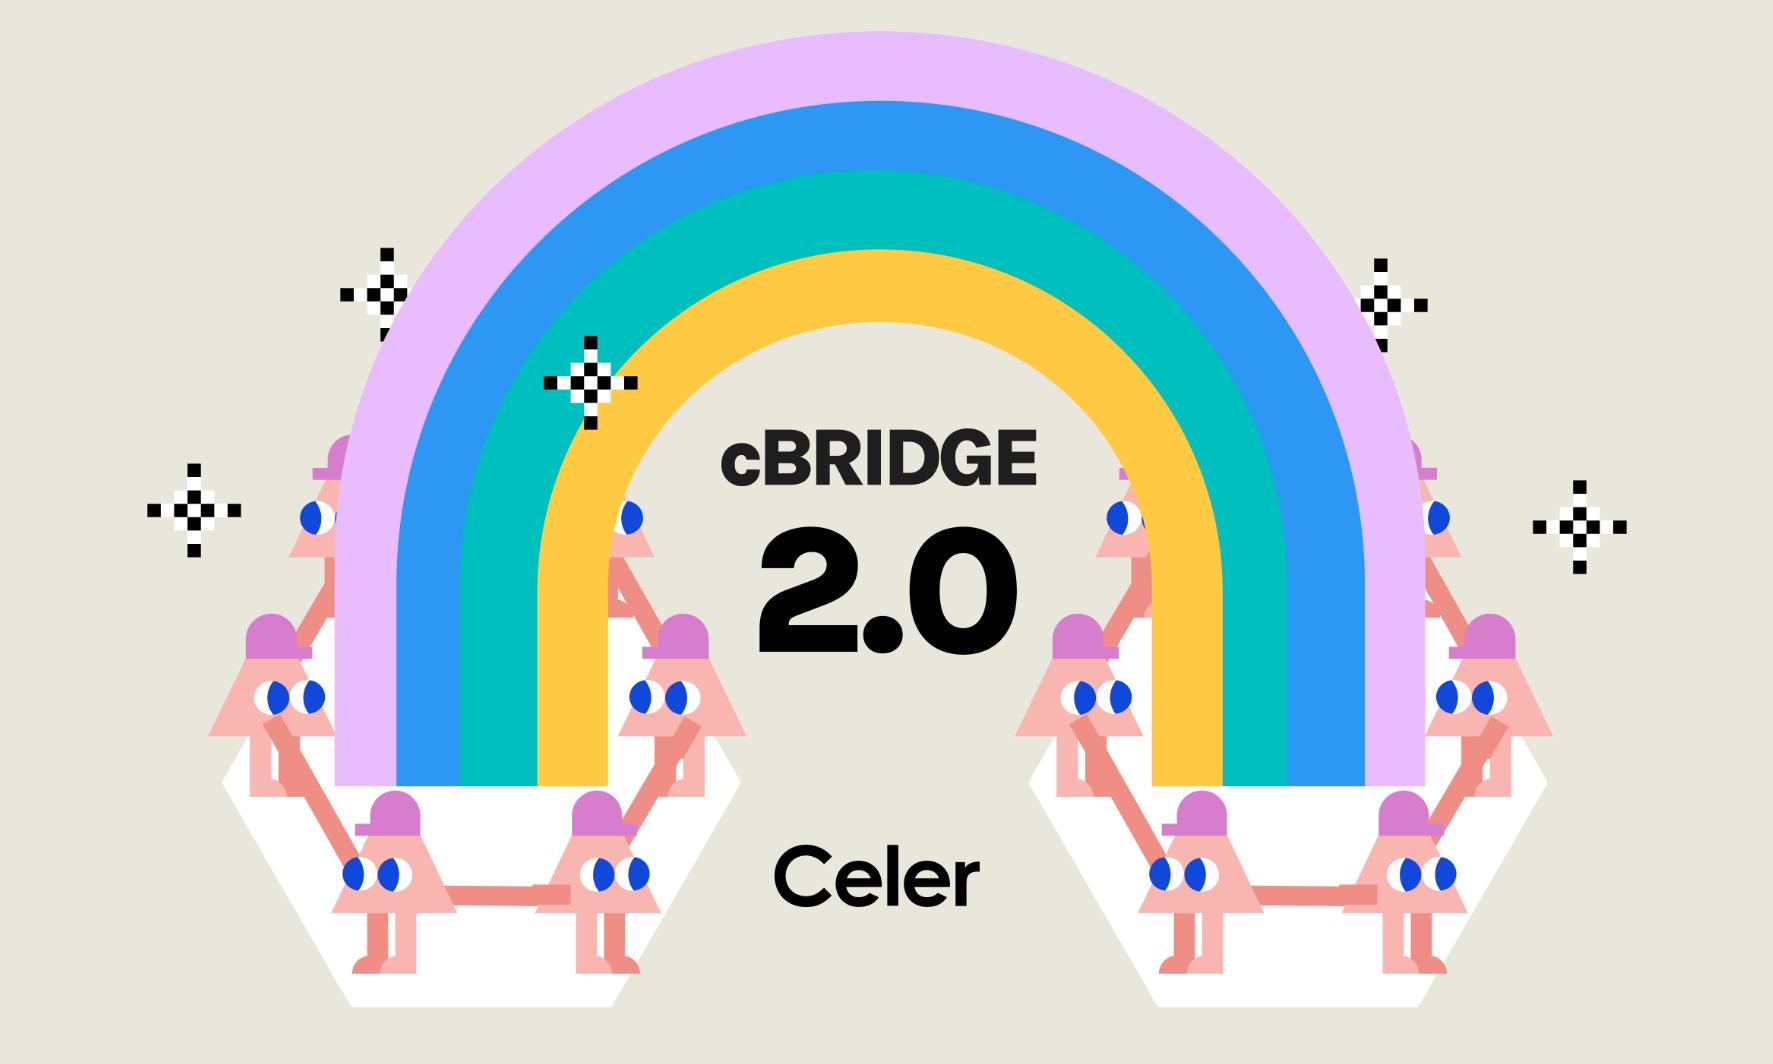 DeFi之道丨跨链桥cBridge 2.0正式发布,都带来了哪些改进?